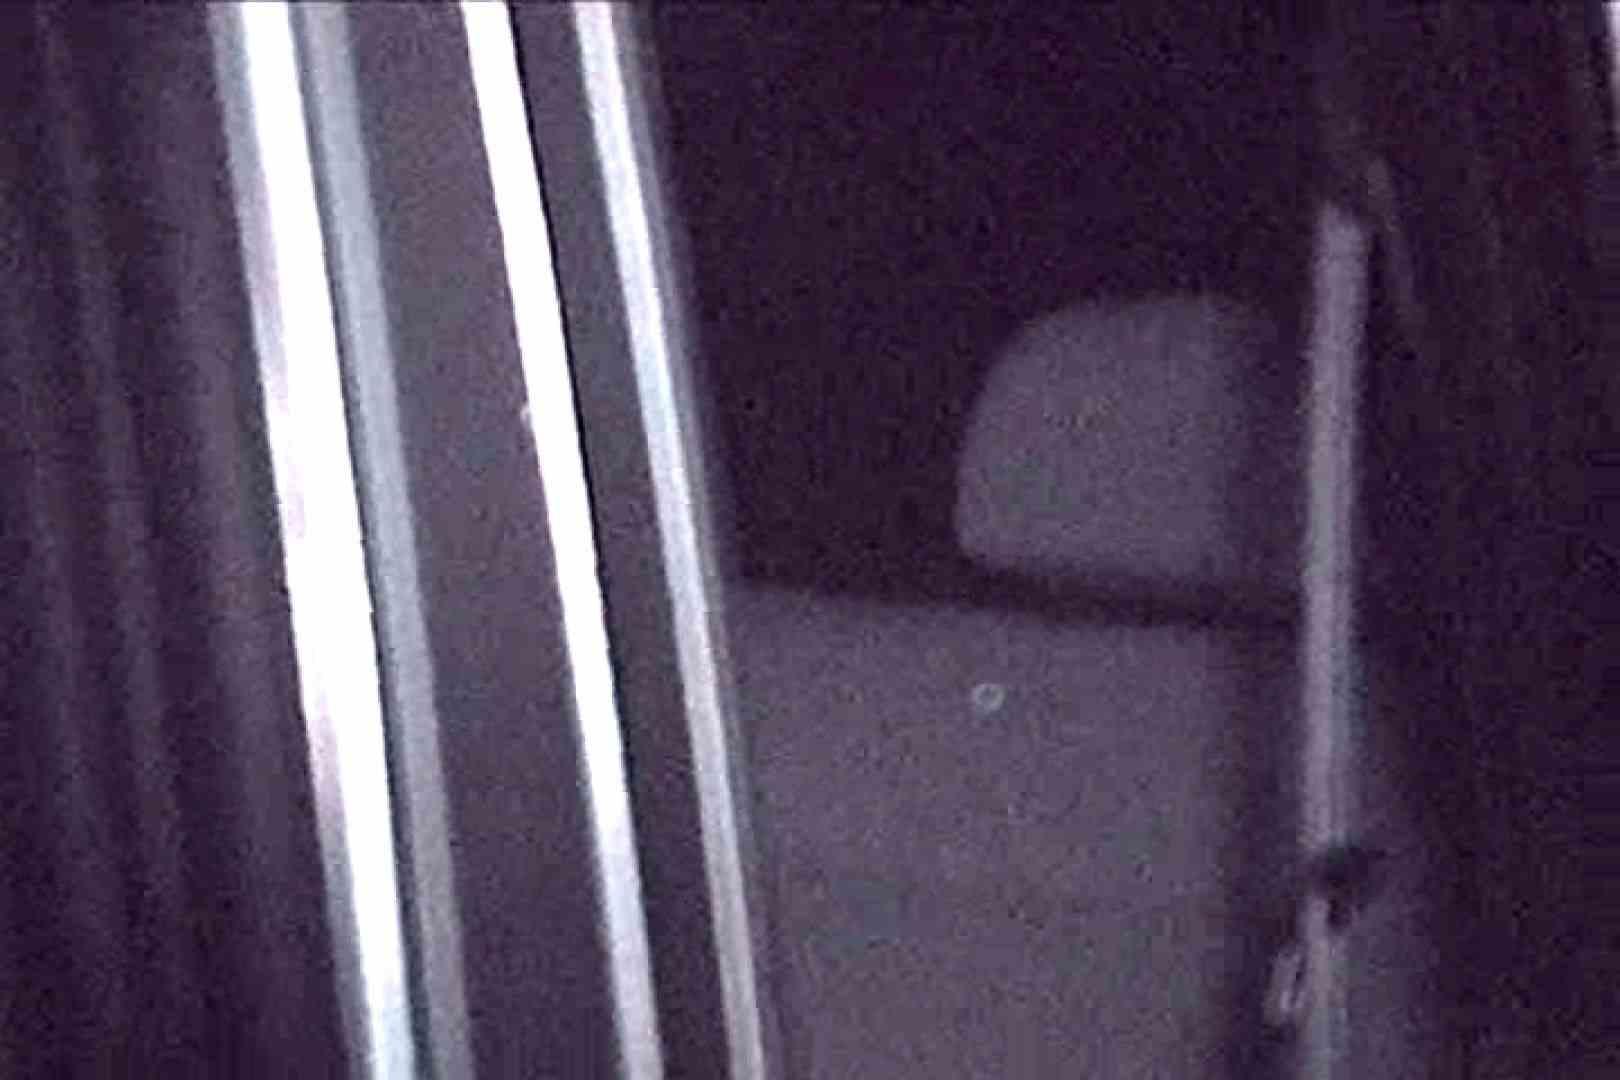 充血監督の深夜の運動会Vol.117 OLエロ画像 盗撮われめAV動画紹介 26PICs 17